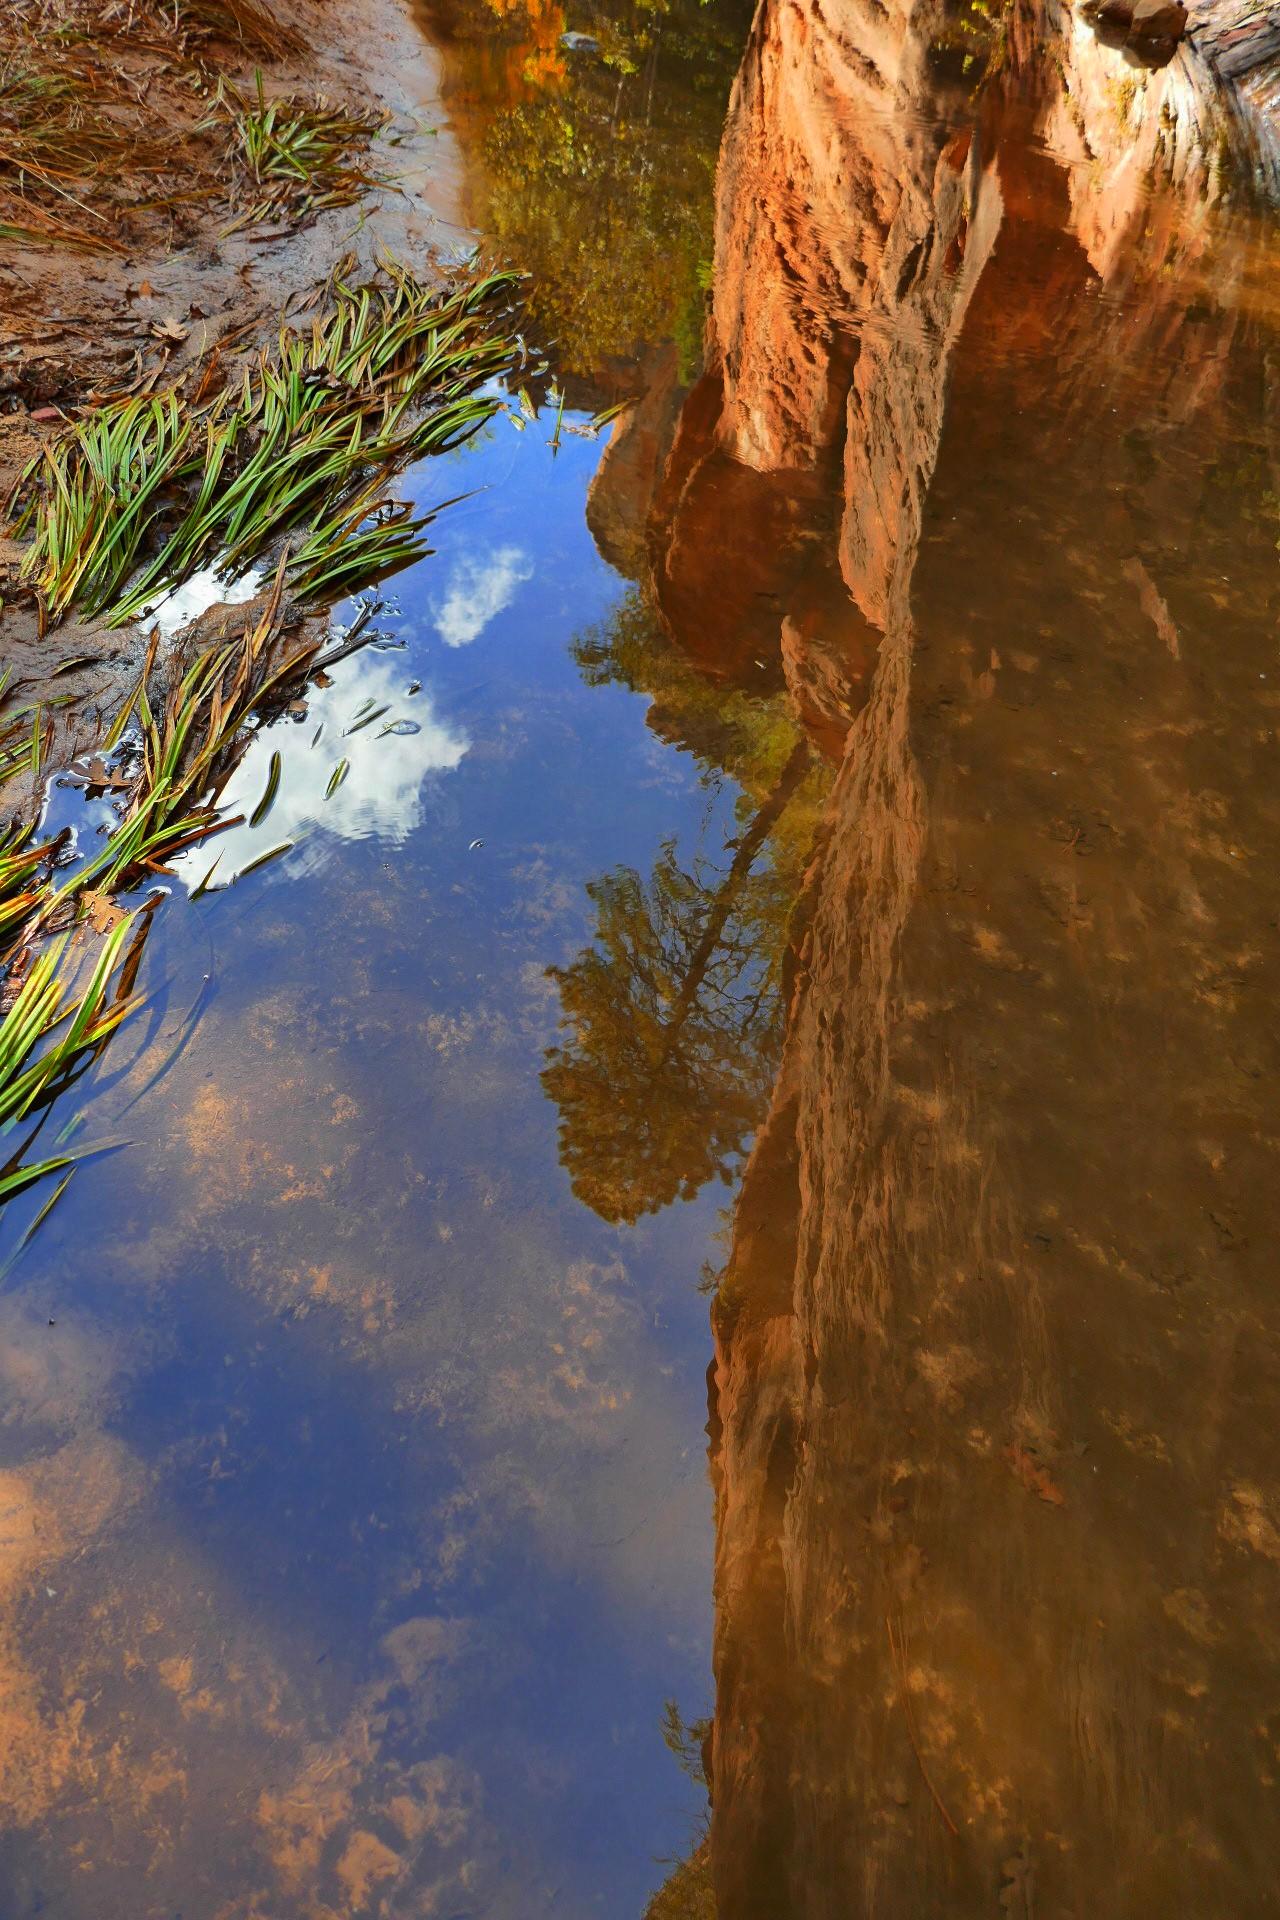 Réflection sur l'eau